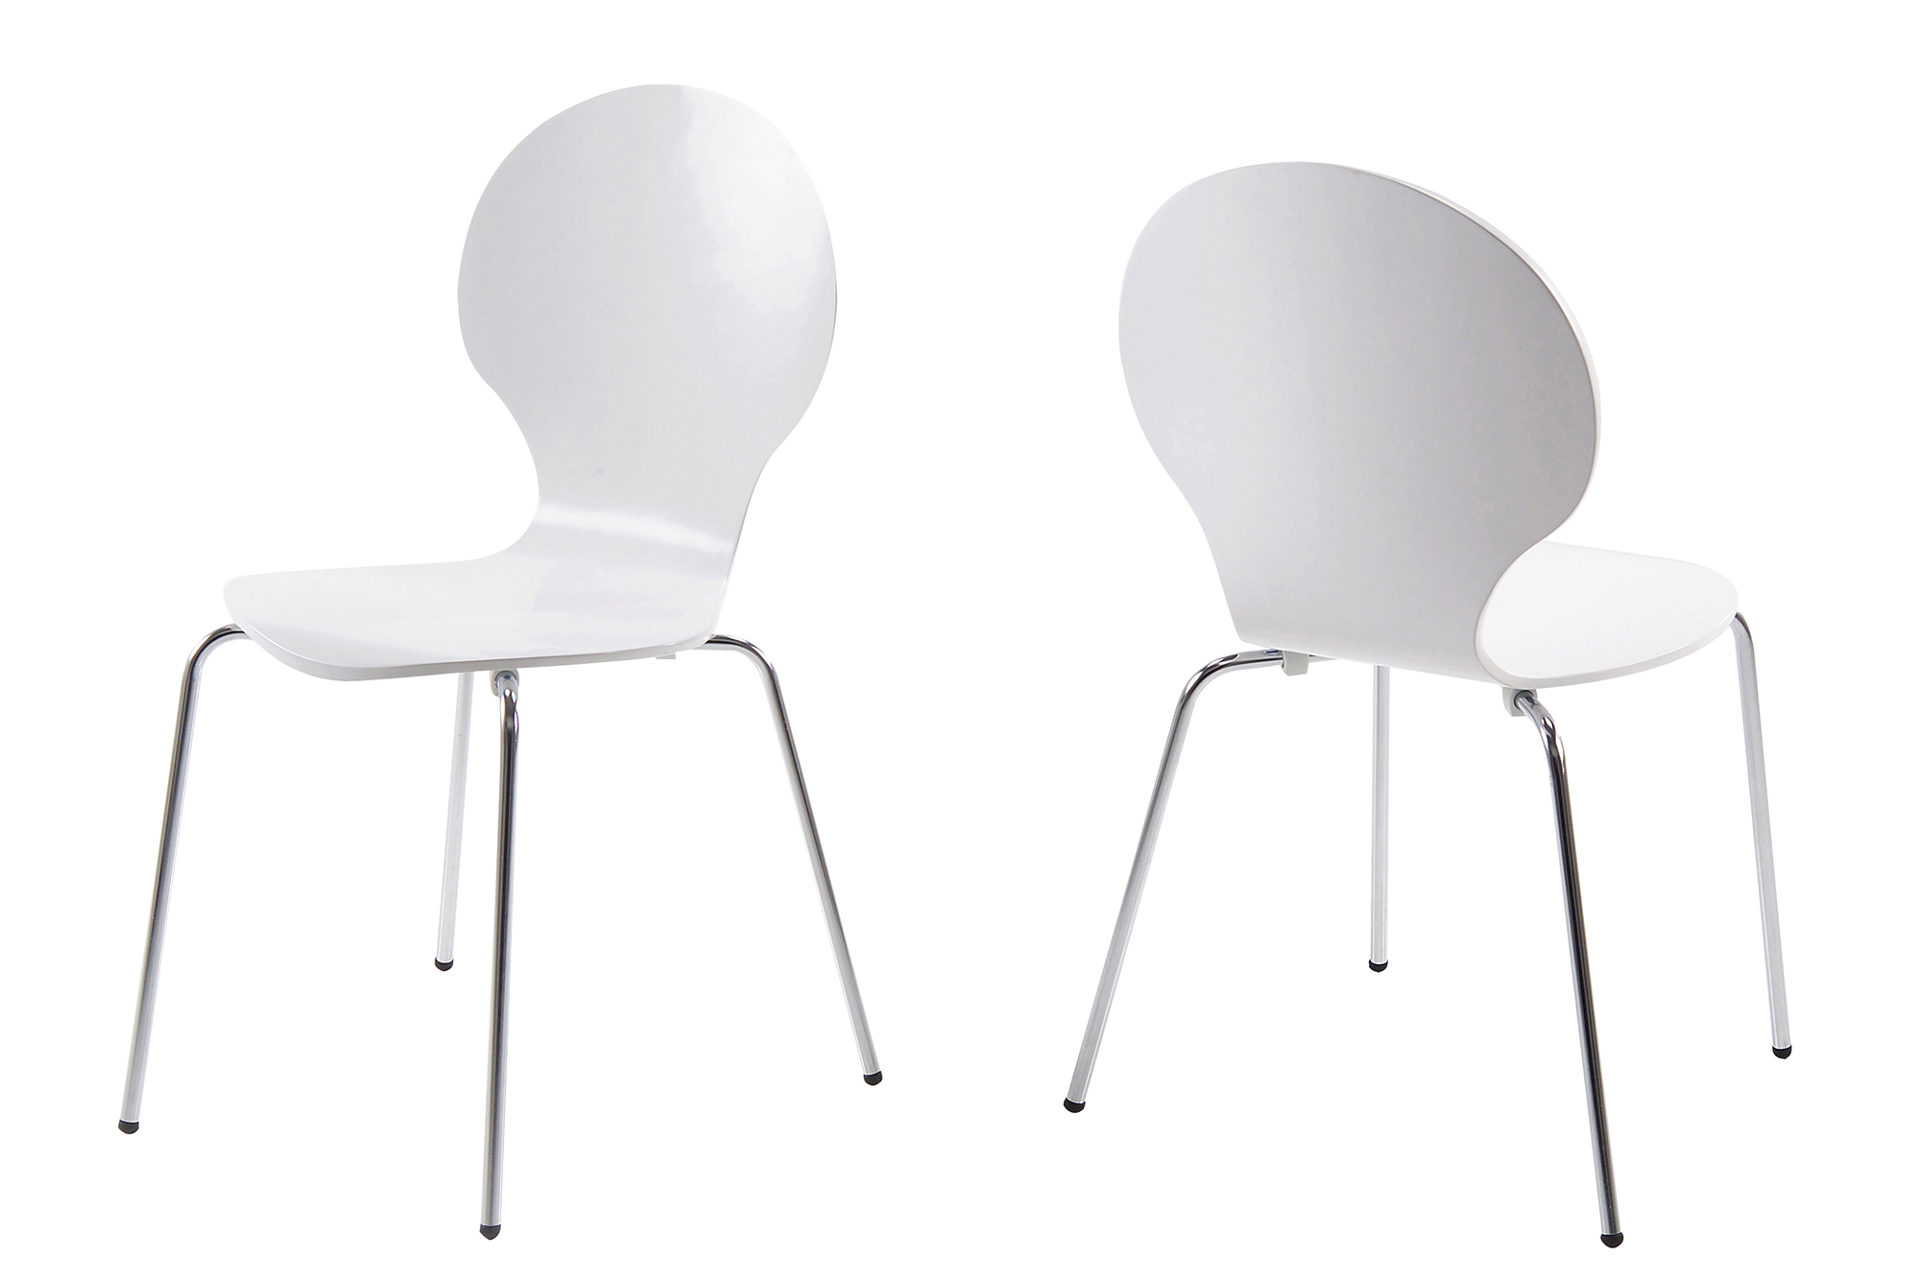 Stapelstuhl als vielseitig zu verwendendes Sitzmöbel, weiß lackierte ...